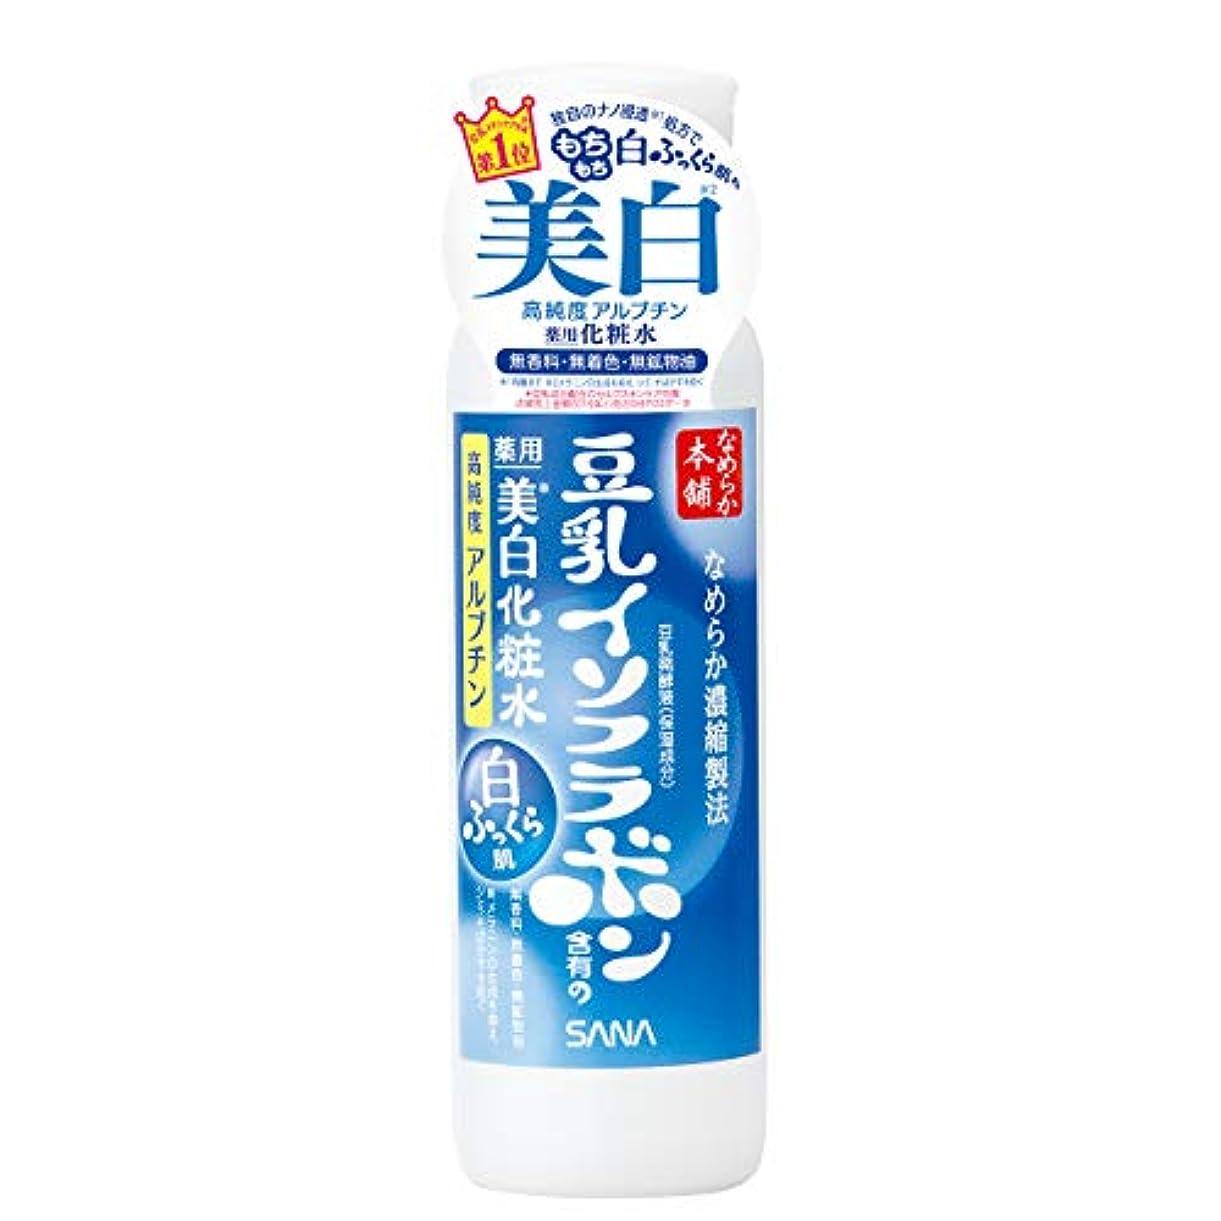 蜜珍味収益なめらか本舗 薬用美白化粧水 200ml